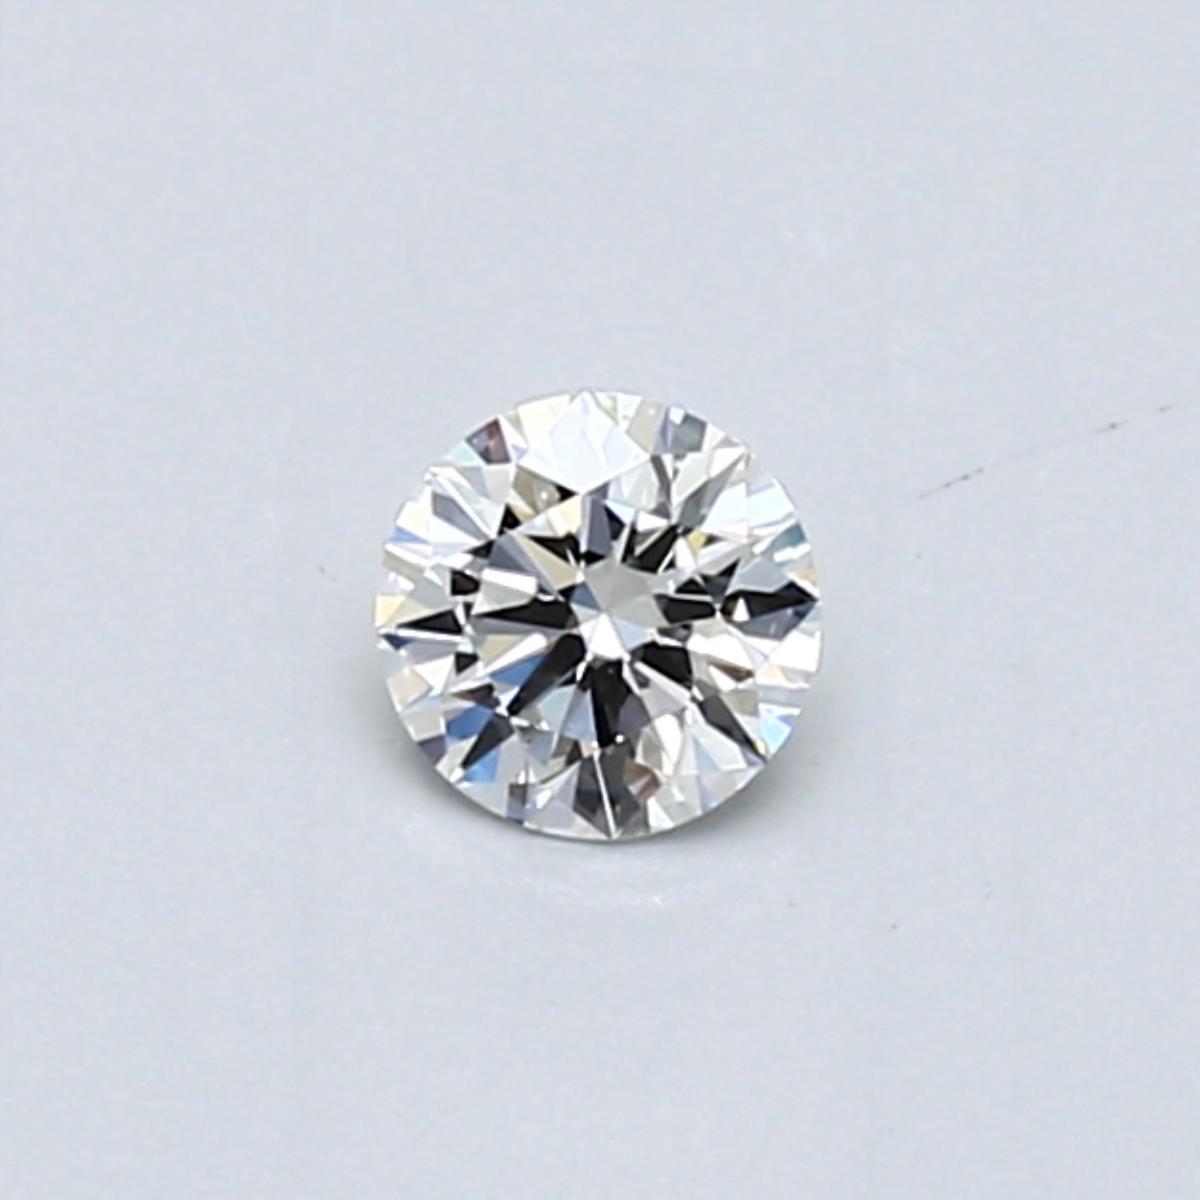 0.24 RD Diamond (G, VVS1)